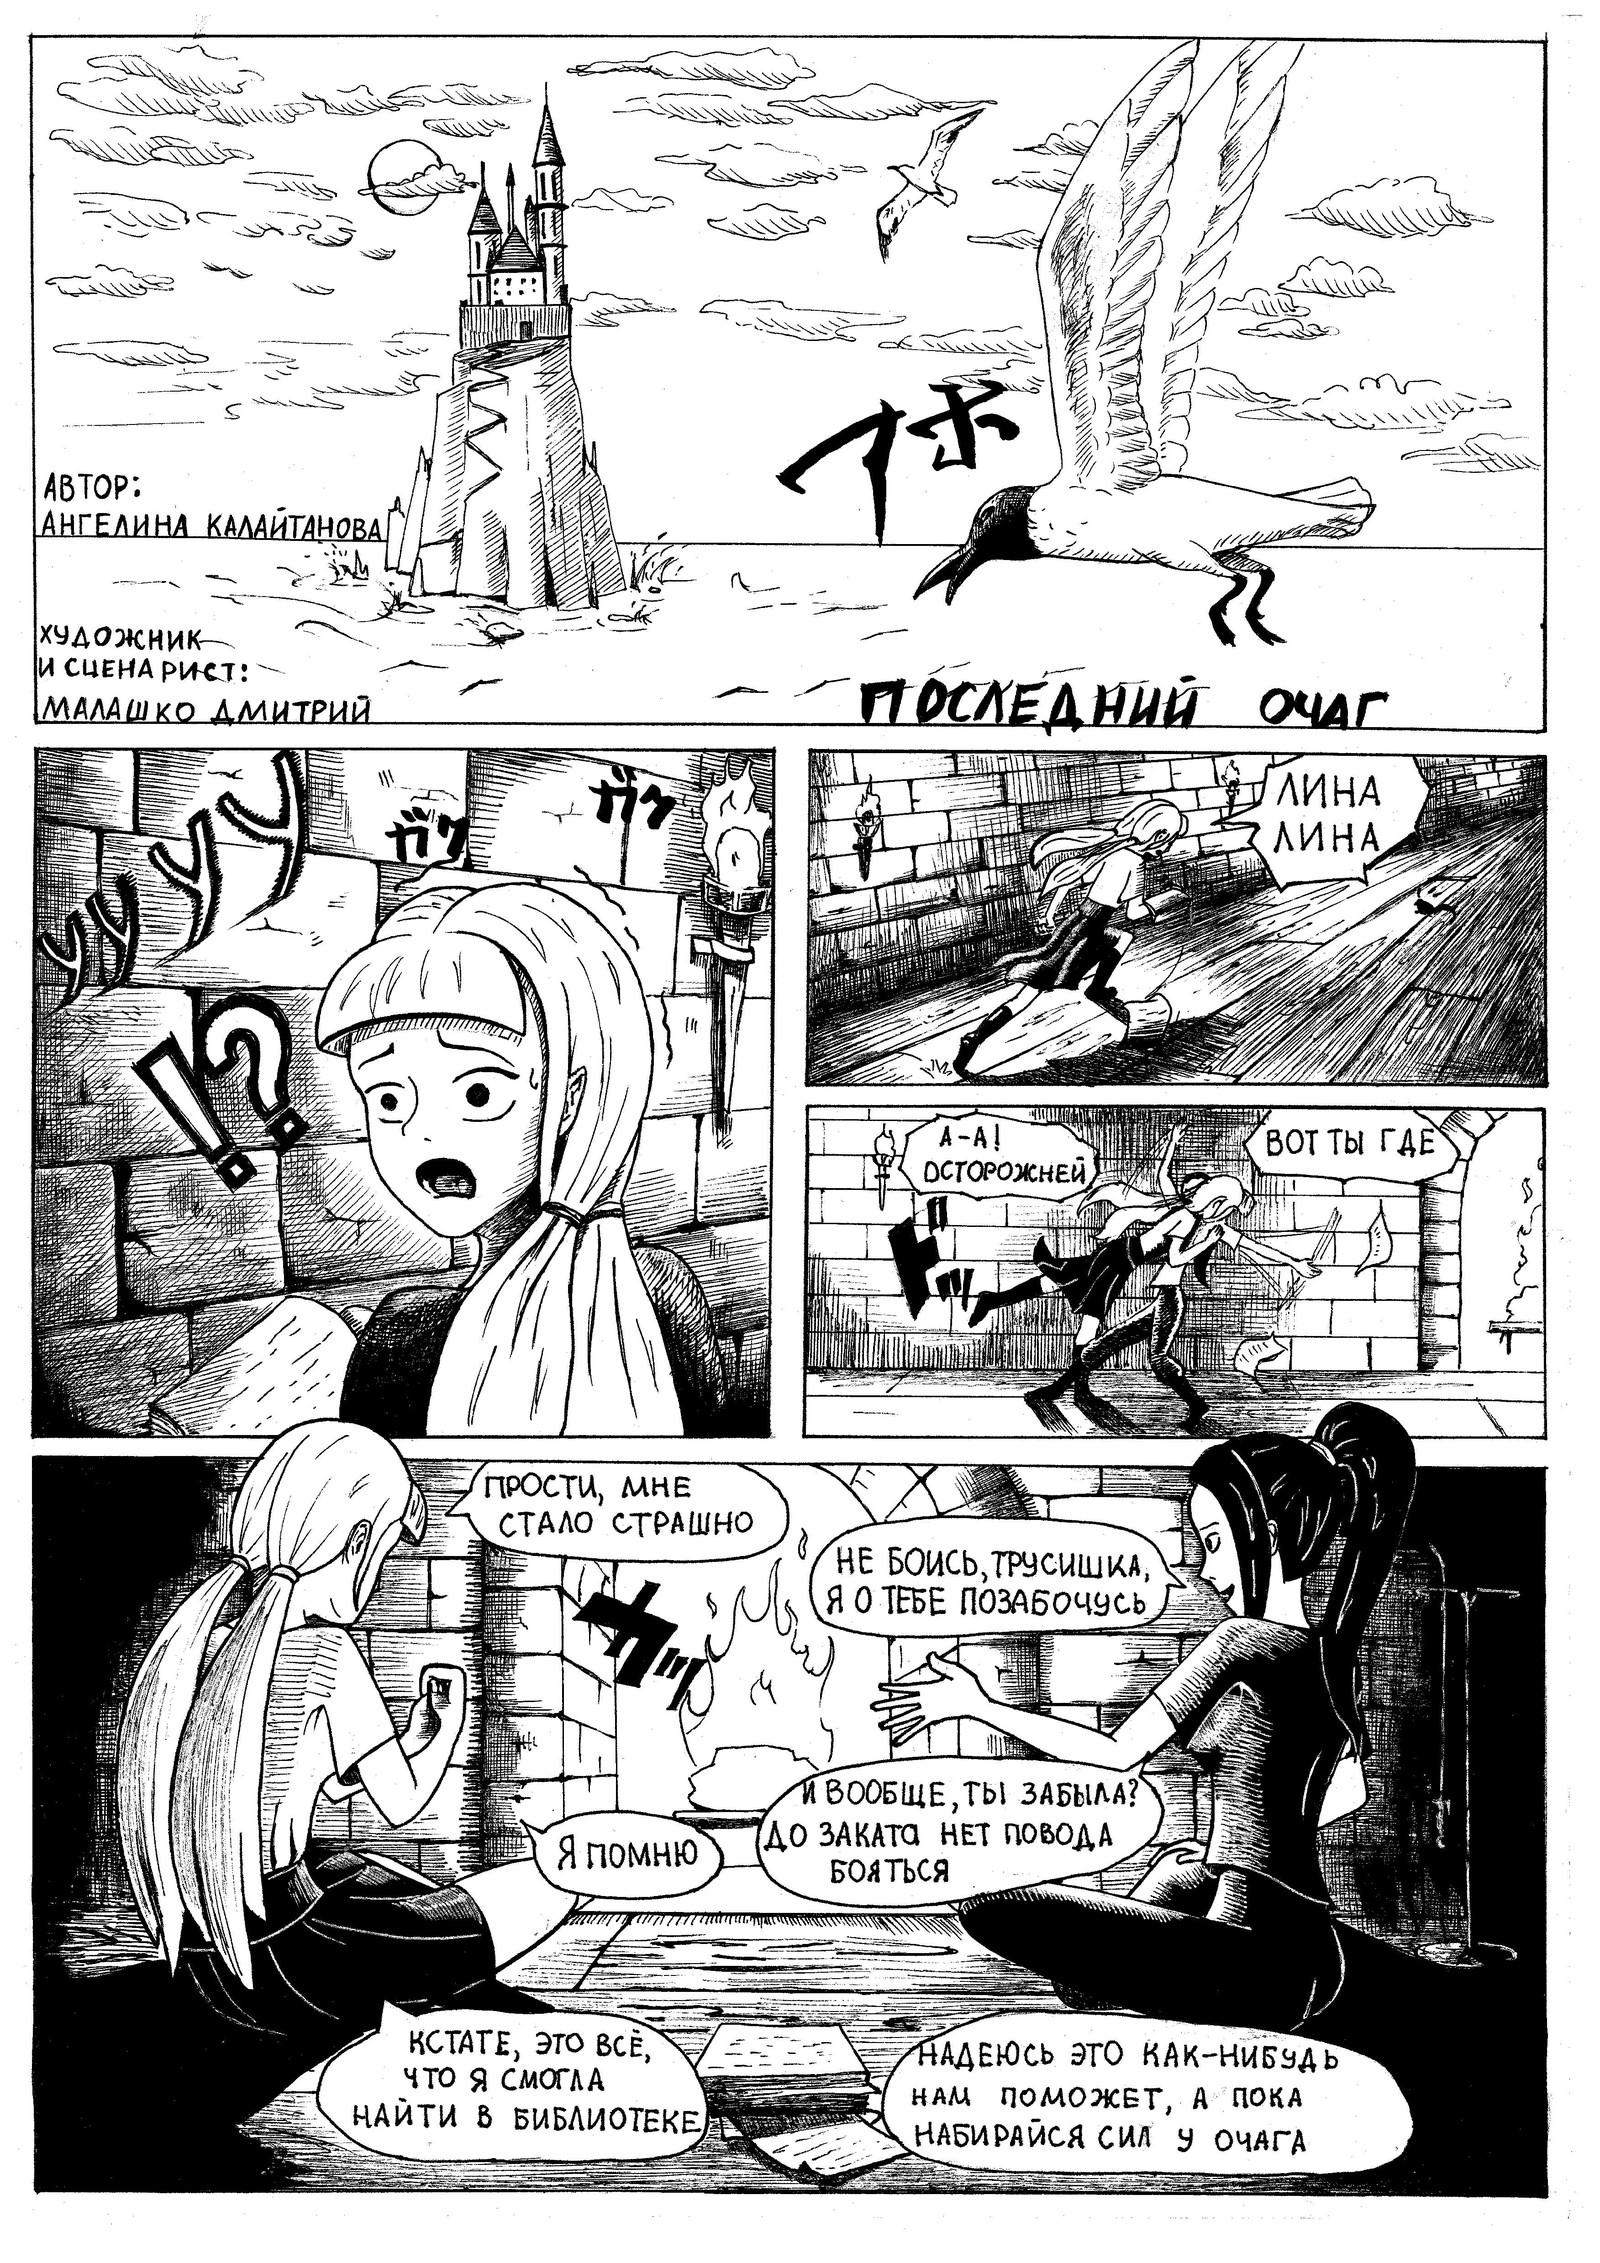 Черная Магия, Или Свидание С Дьяволом – Эротические Сцены